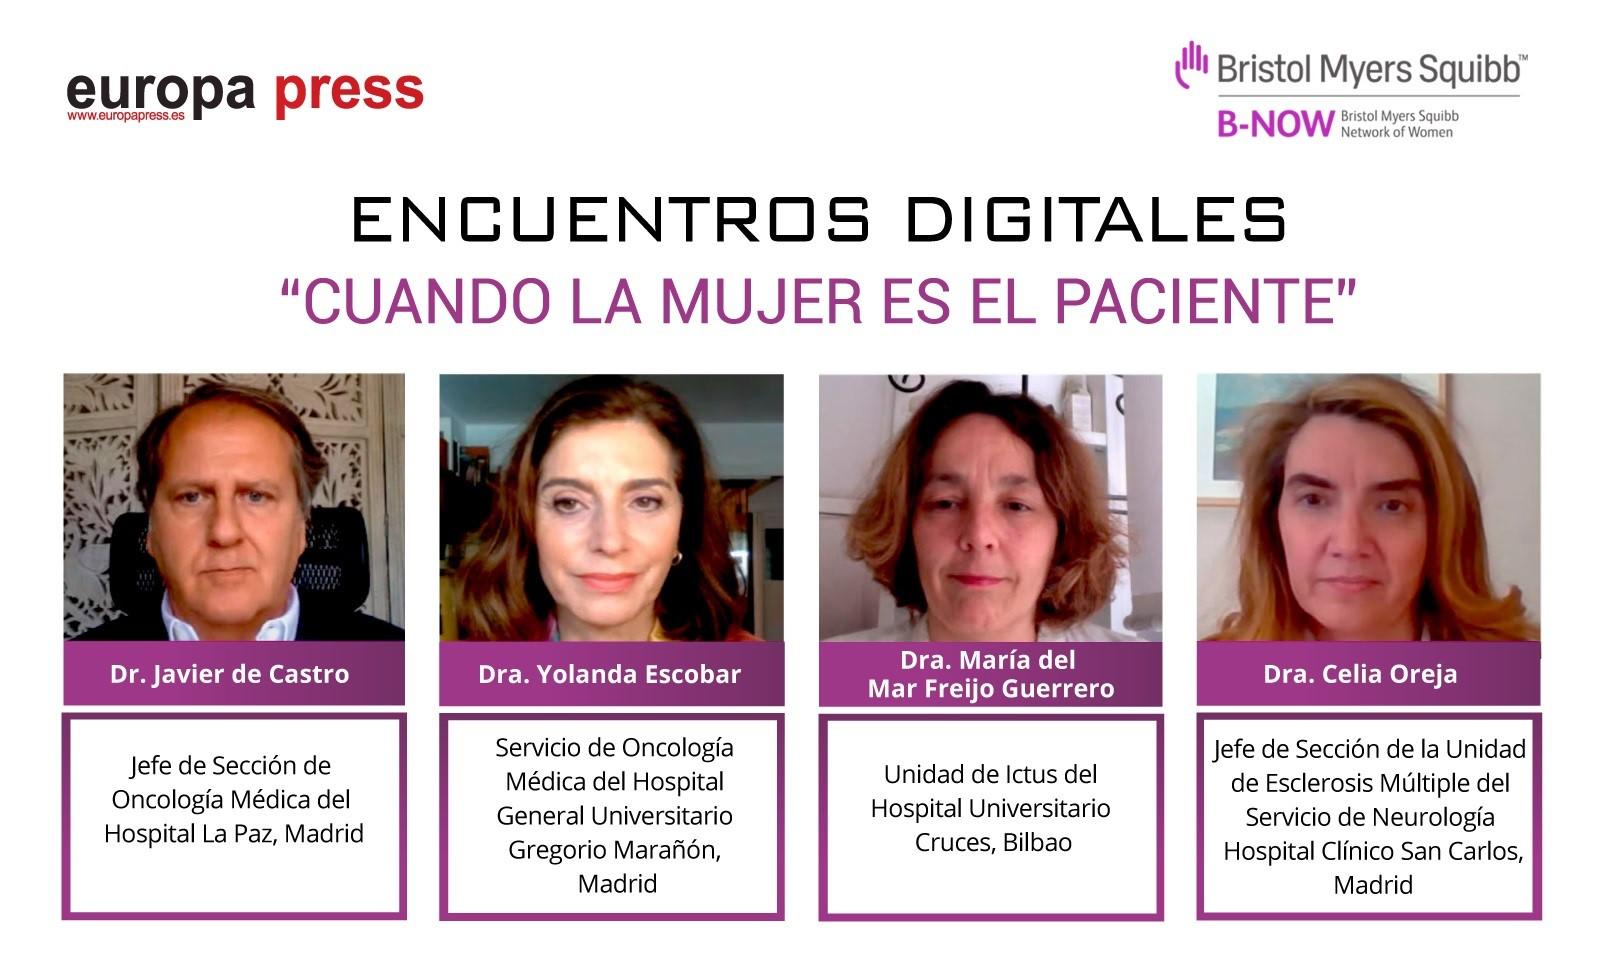 Intervinientes en el Encuentro Digital de Europa Press 'Cuando la mujer es el paciente'